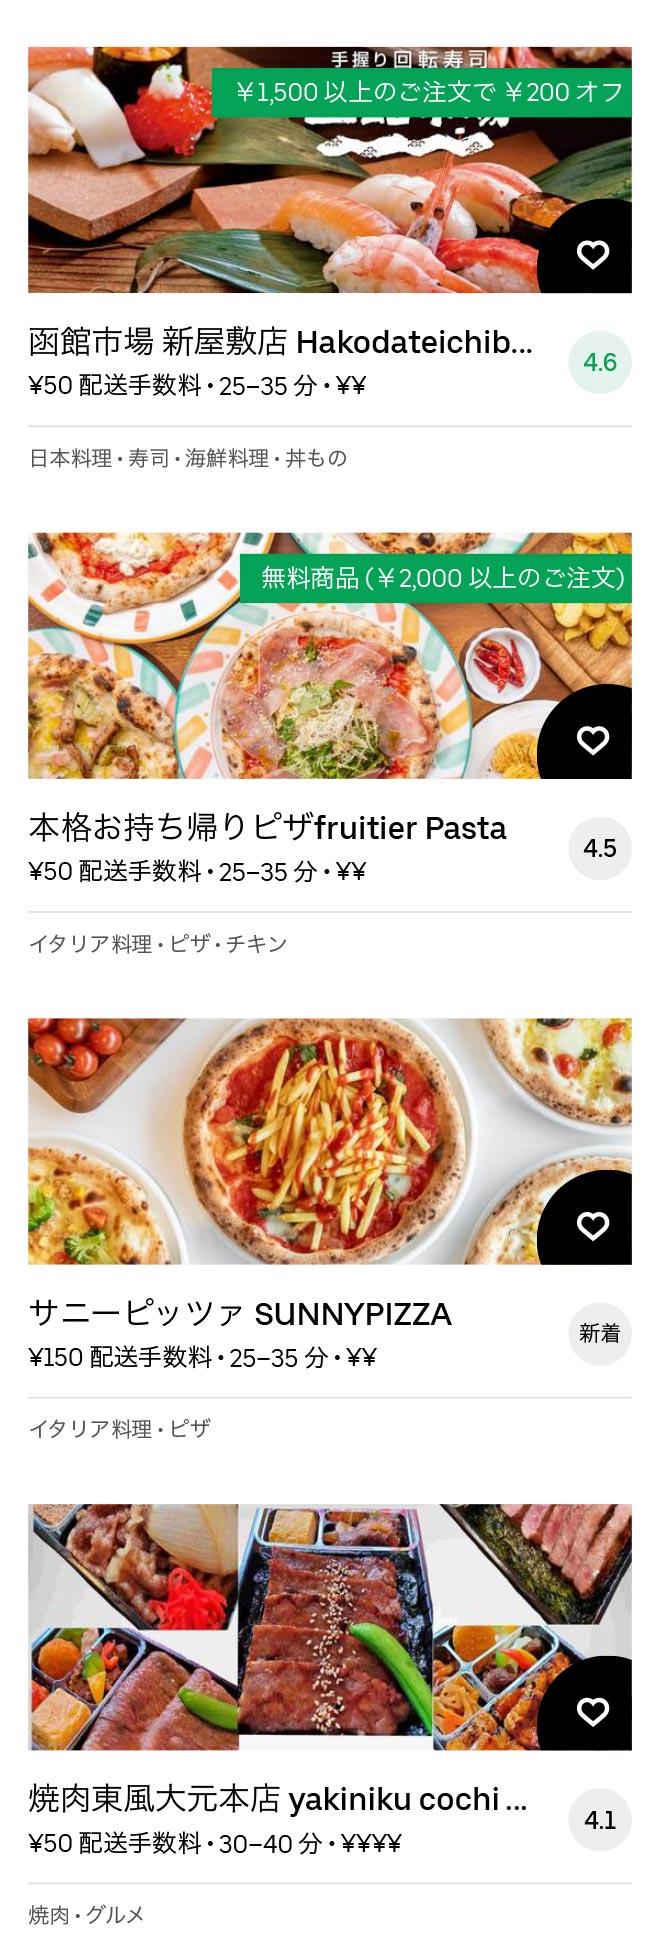 Bizen nishiichi menu 2011 12